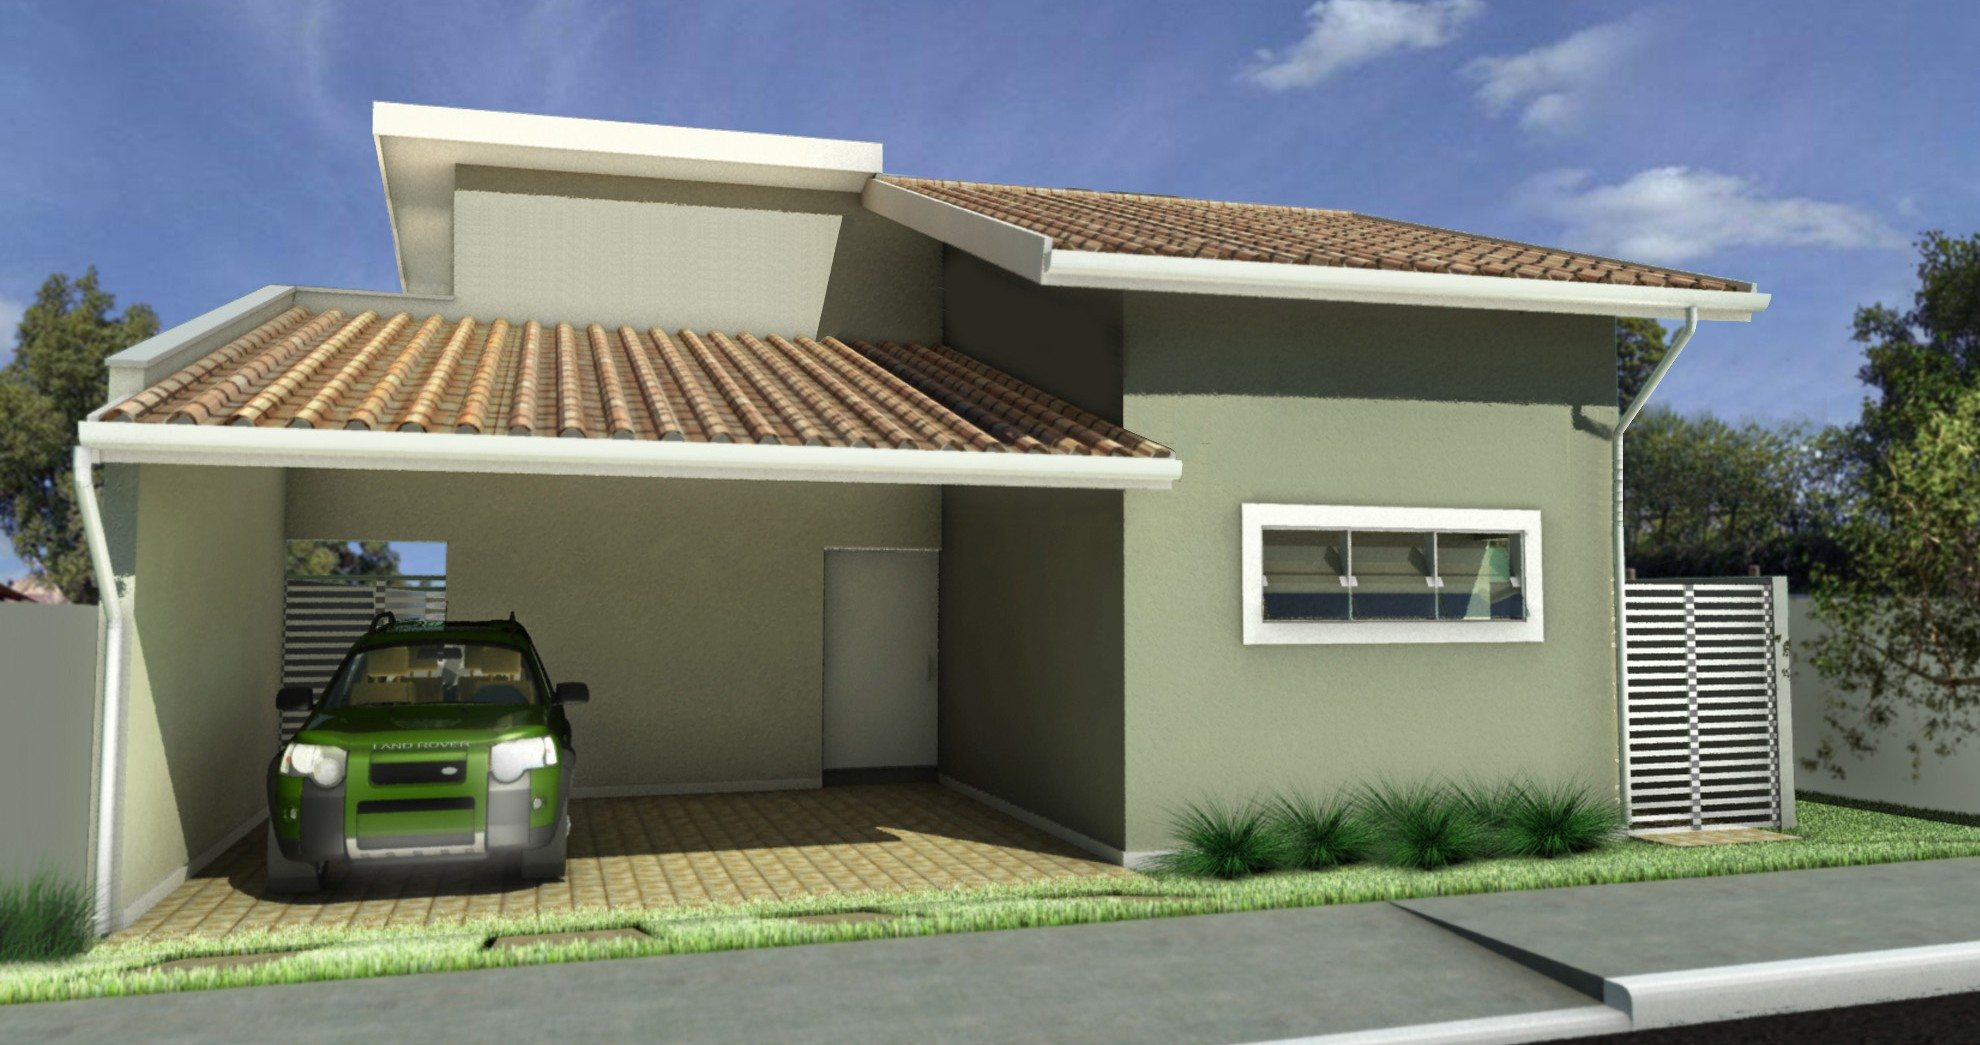 Fachadas de casas com garagem modernas pequenas fotos for Modelos de fachadas modernas